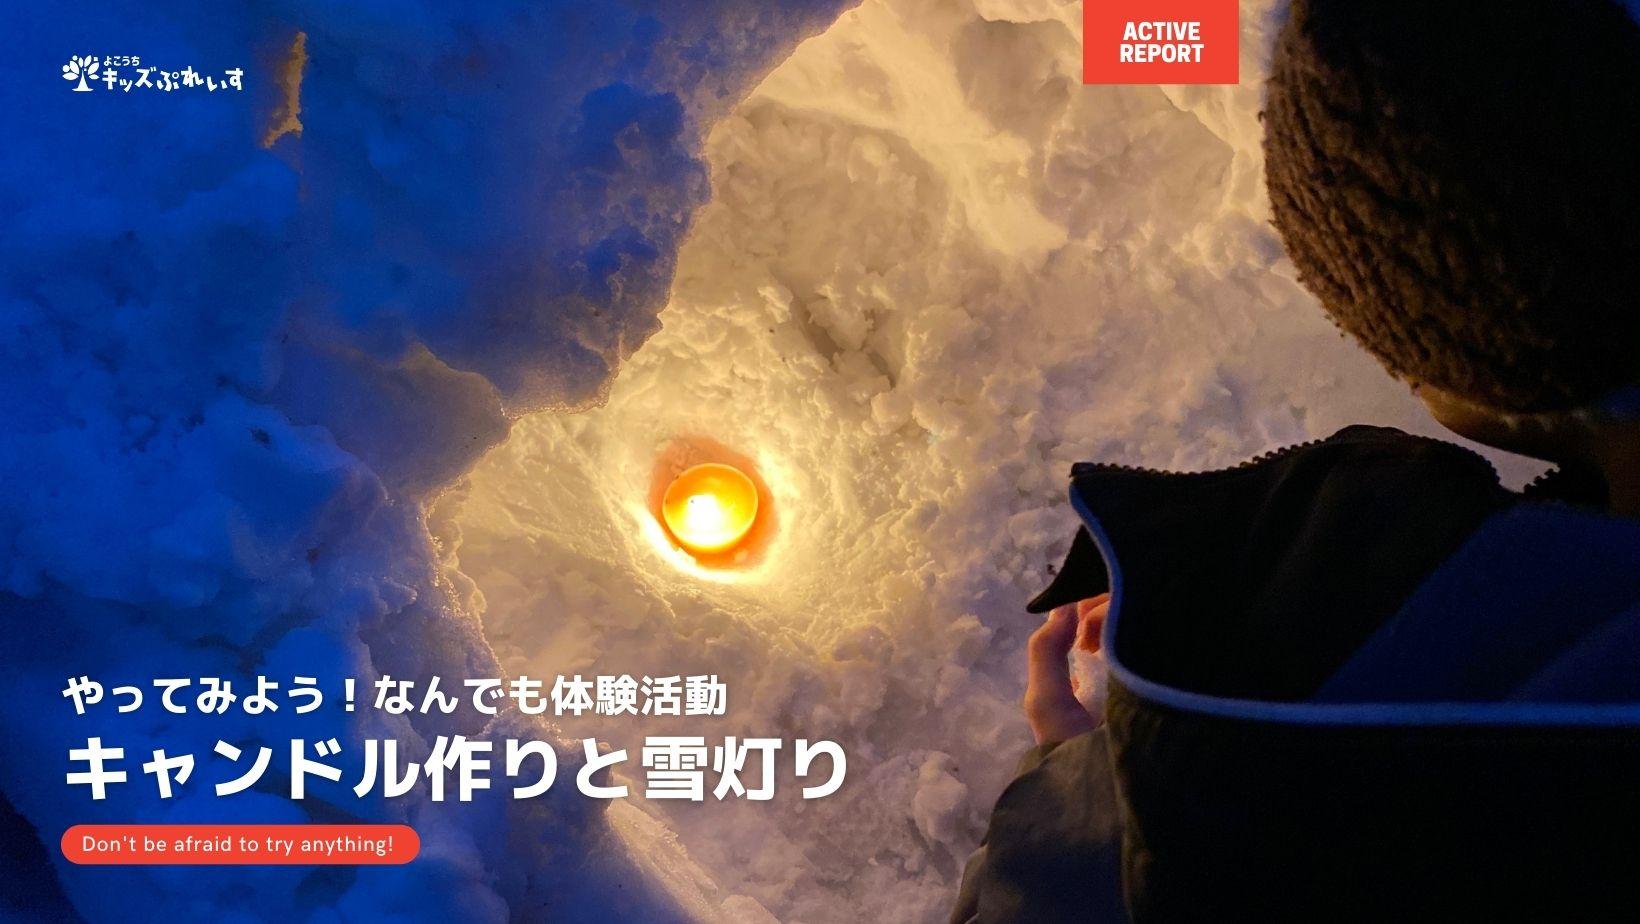 【活動報告】キャンドル作りと雪灯り/やってみよう!なんでも体験活動